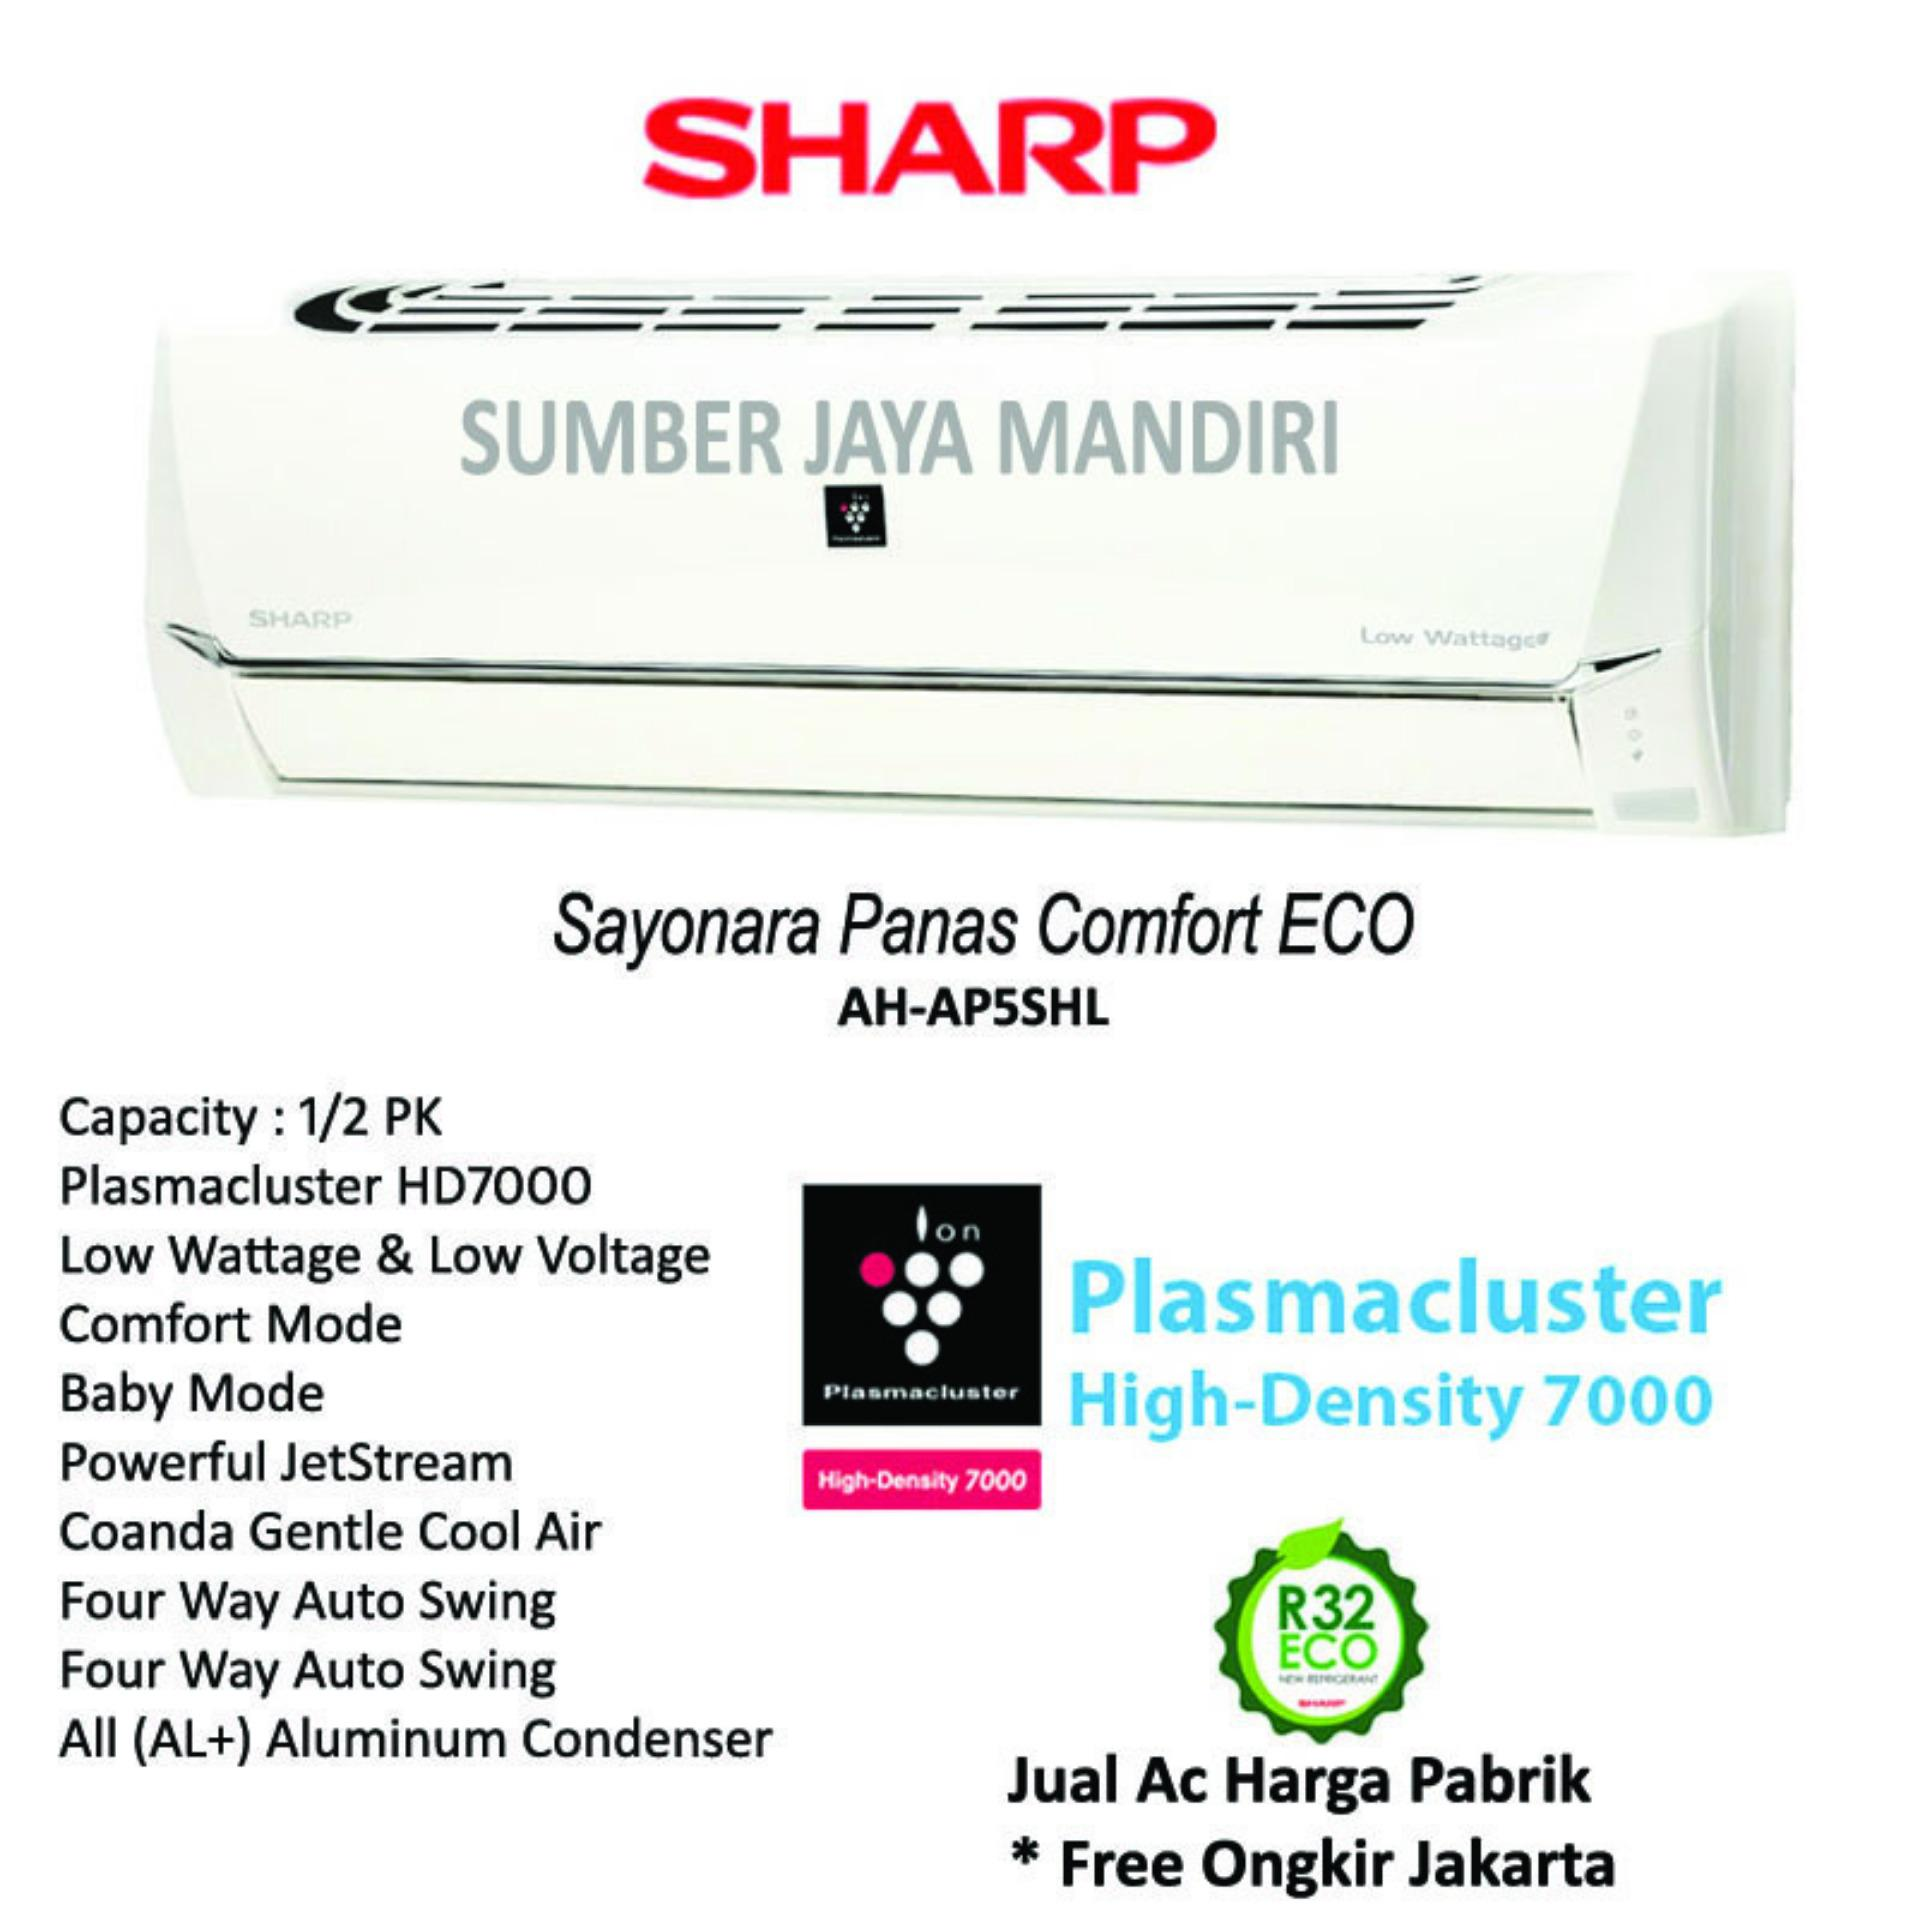 Sharp Ac Split 15 Pk Ah Xp13shy J Tech Inverter Series Putih A12sey Plasma Cluster Ap5shl 1 2pk